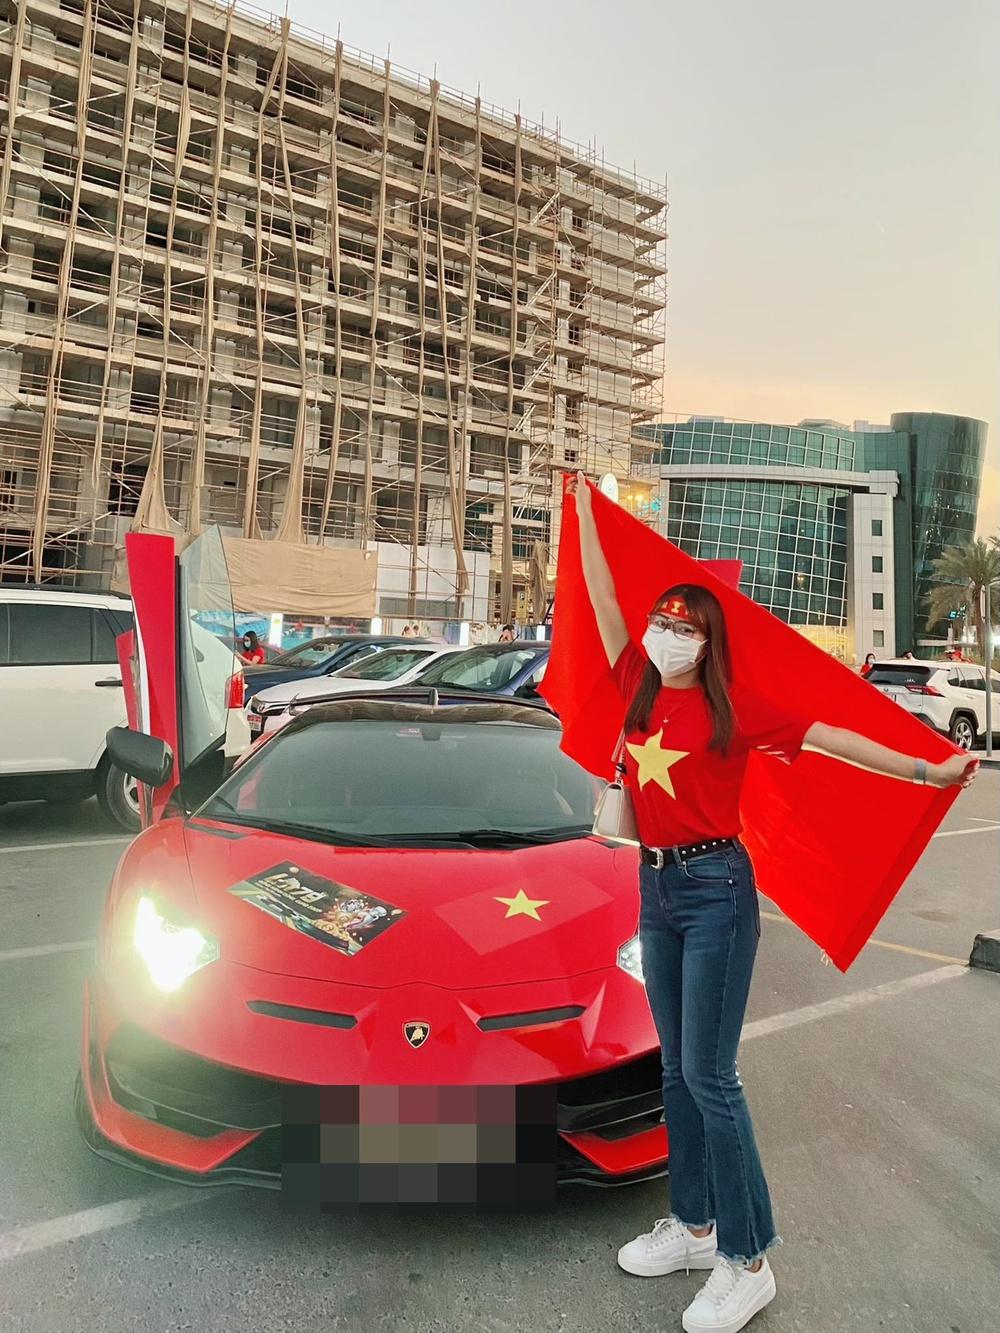 Cô gái tiết lộ chuyện mua vé thần tốc để vào sân xem Việt Nam - UAE: Giá vé khiến nhiều người bất ngờ - Ảnh 3.